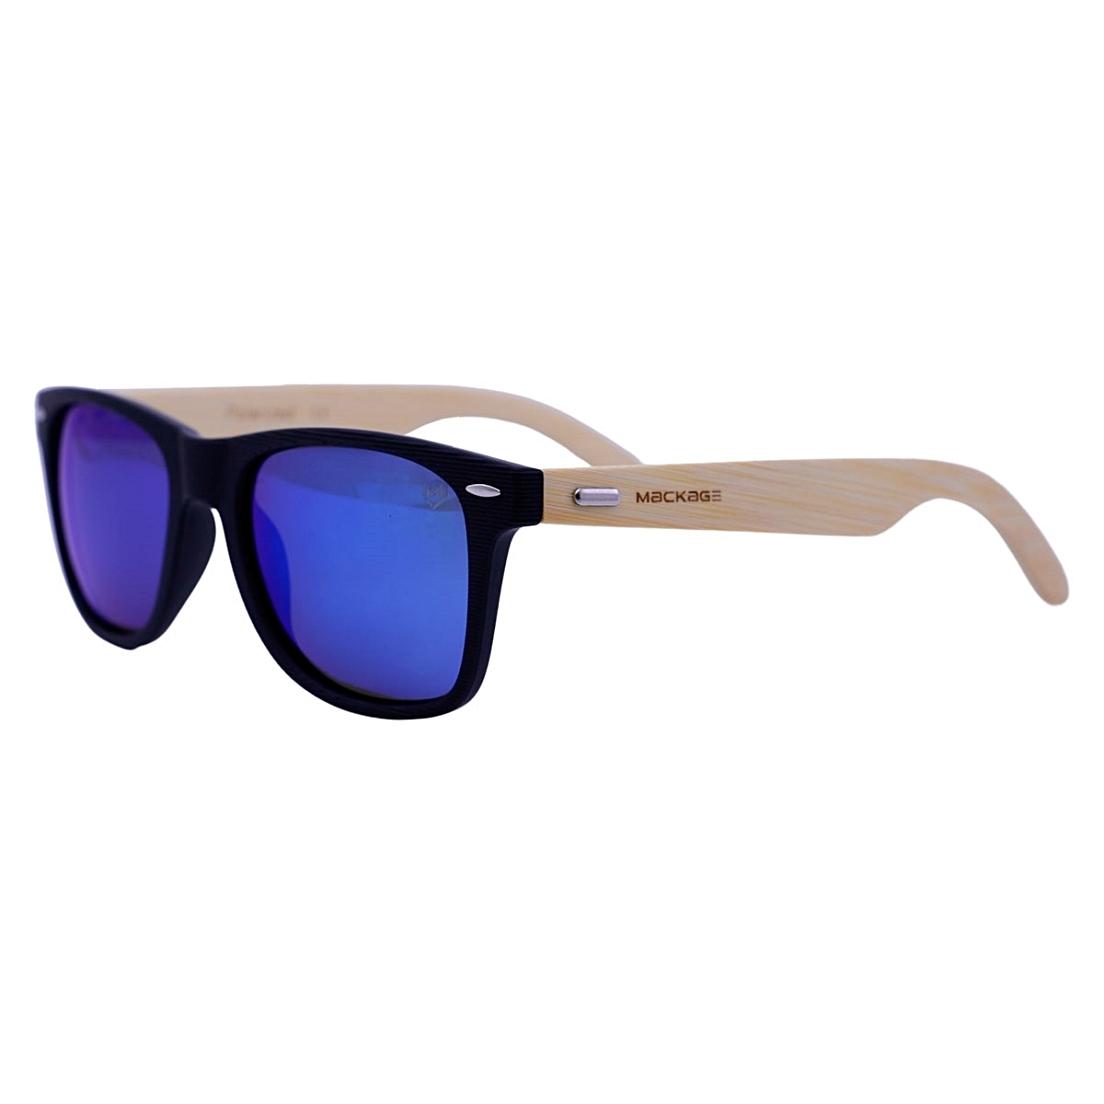 Óculos De Sol Mackage Unissex Wayfarer Madeira Polarizado - Preto/Azul